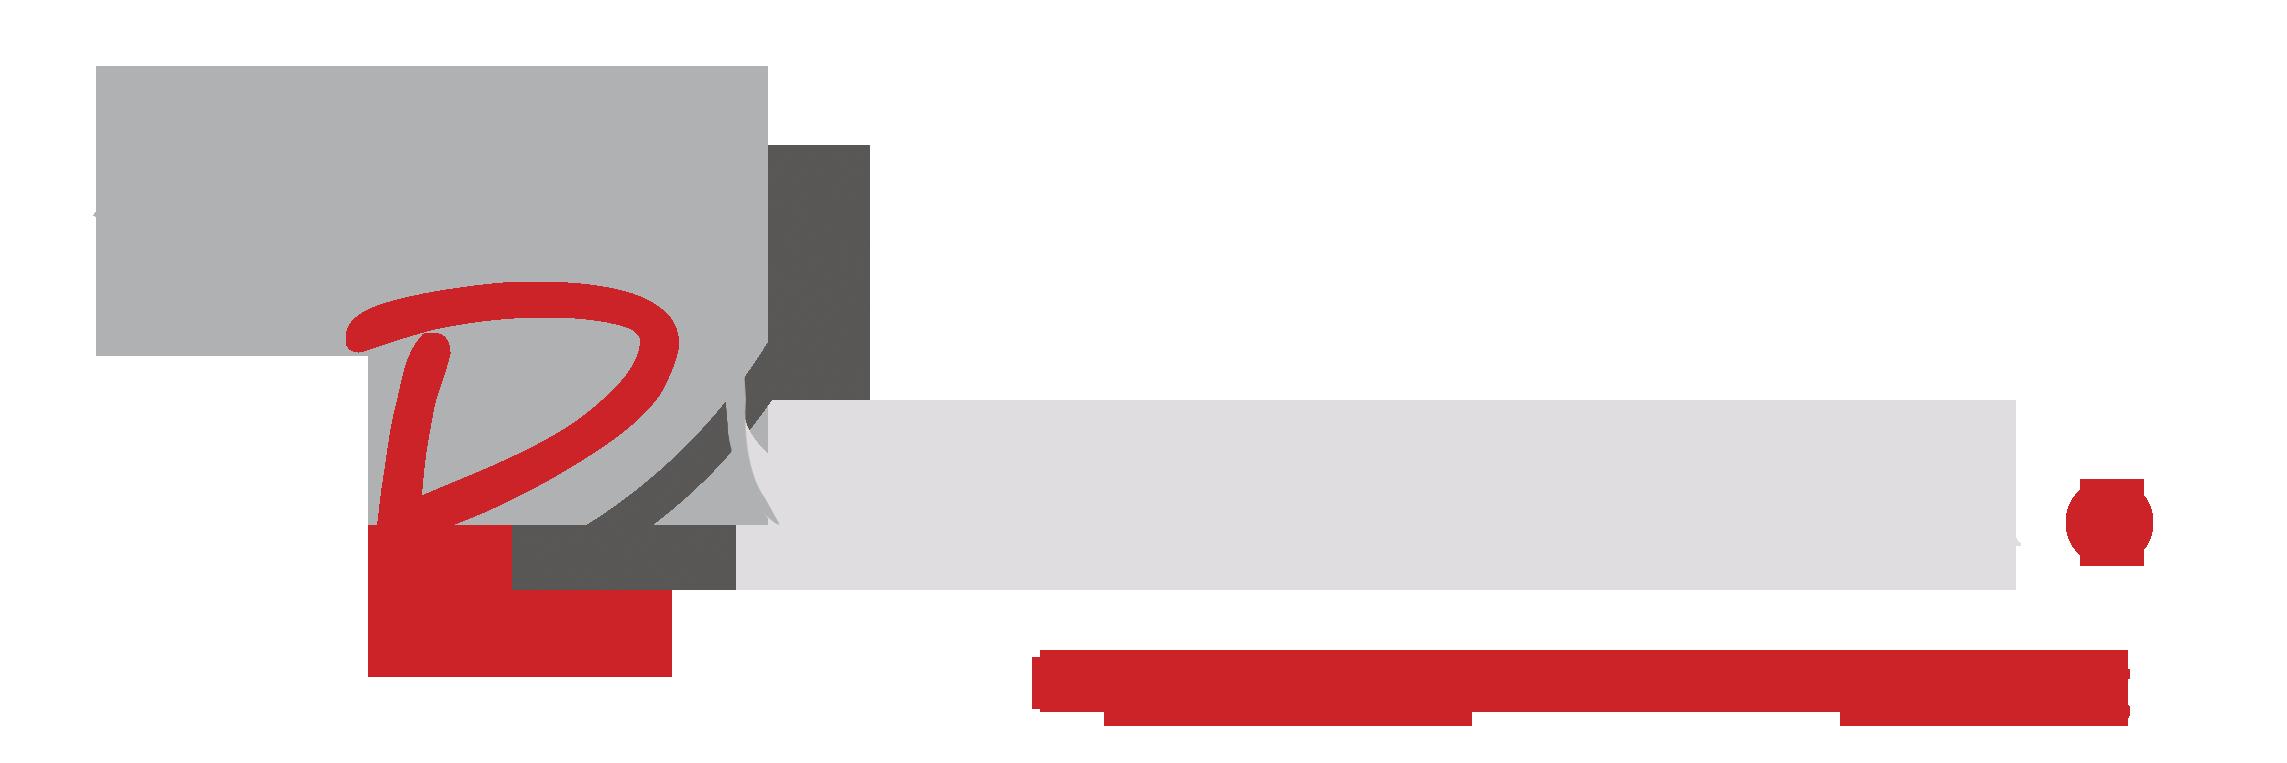 چاپ دیجیتال پیکس